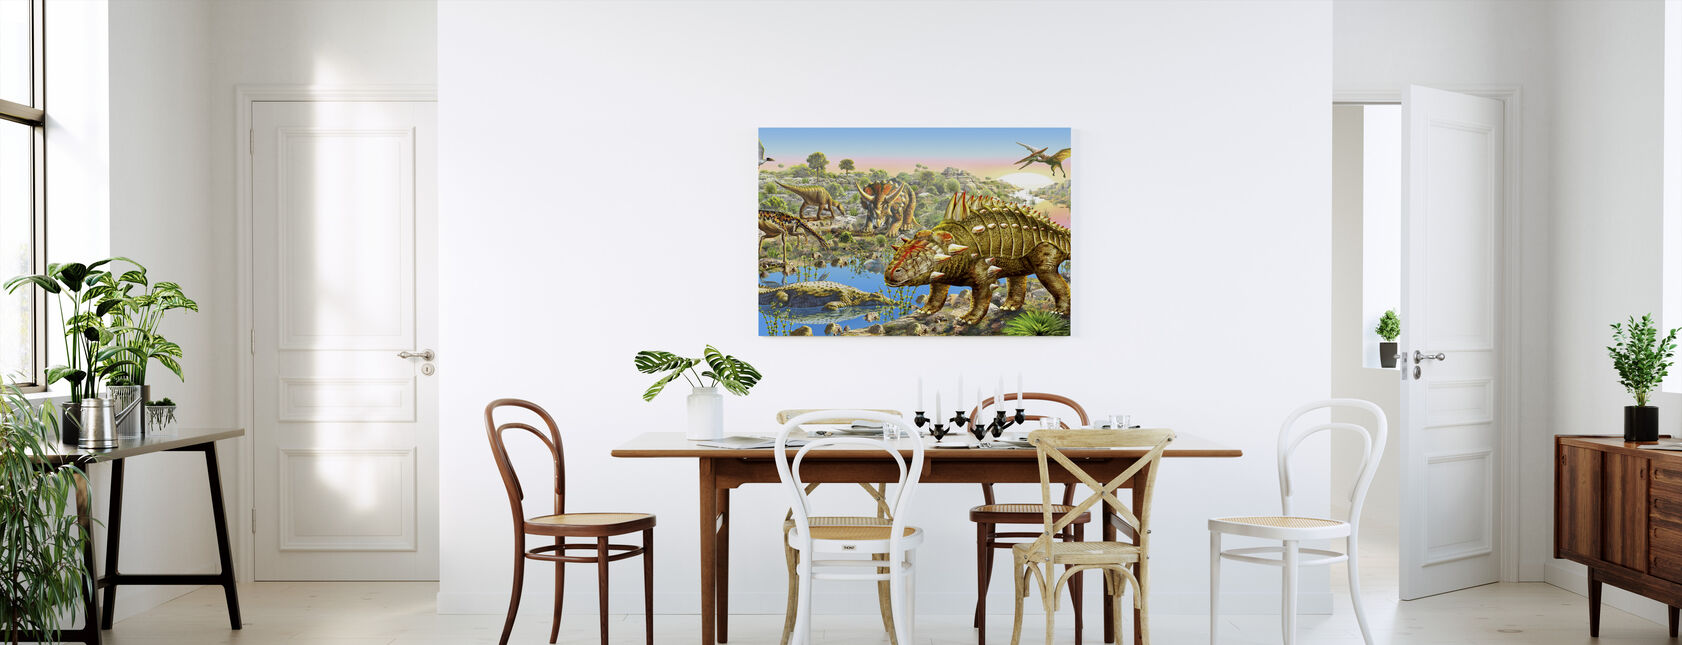 Panorama av dinosauriedalen - Canvastavla - Kök